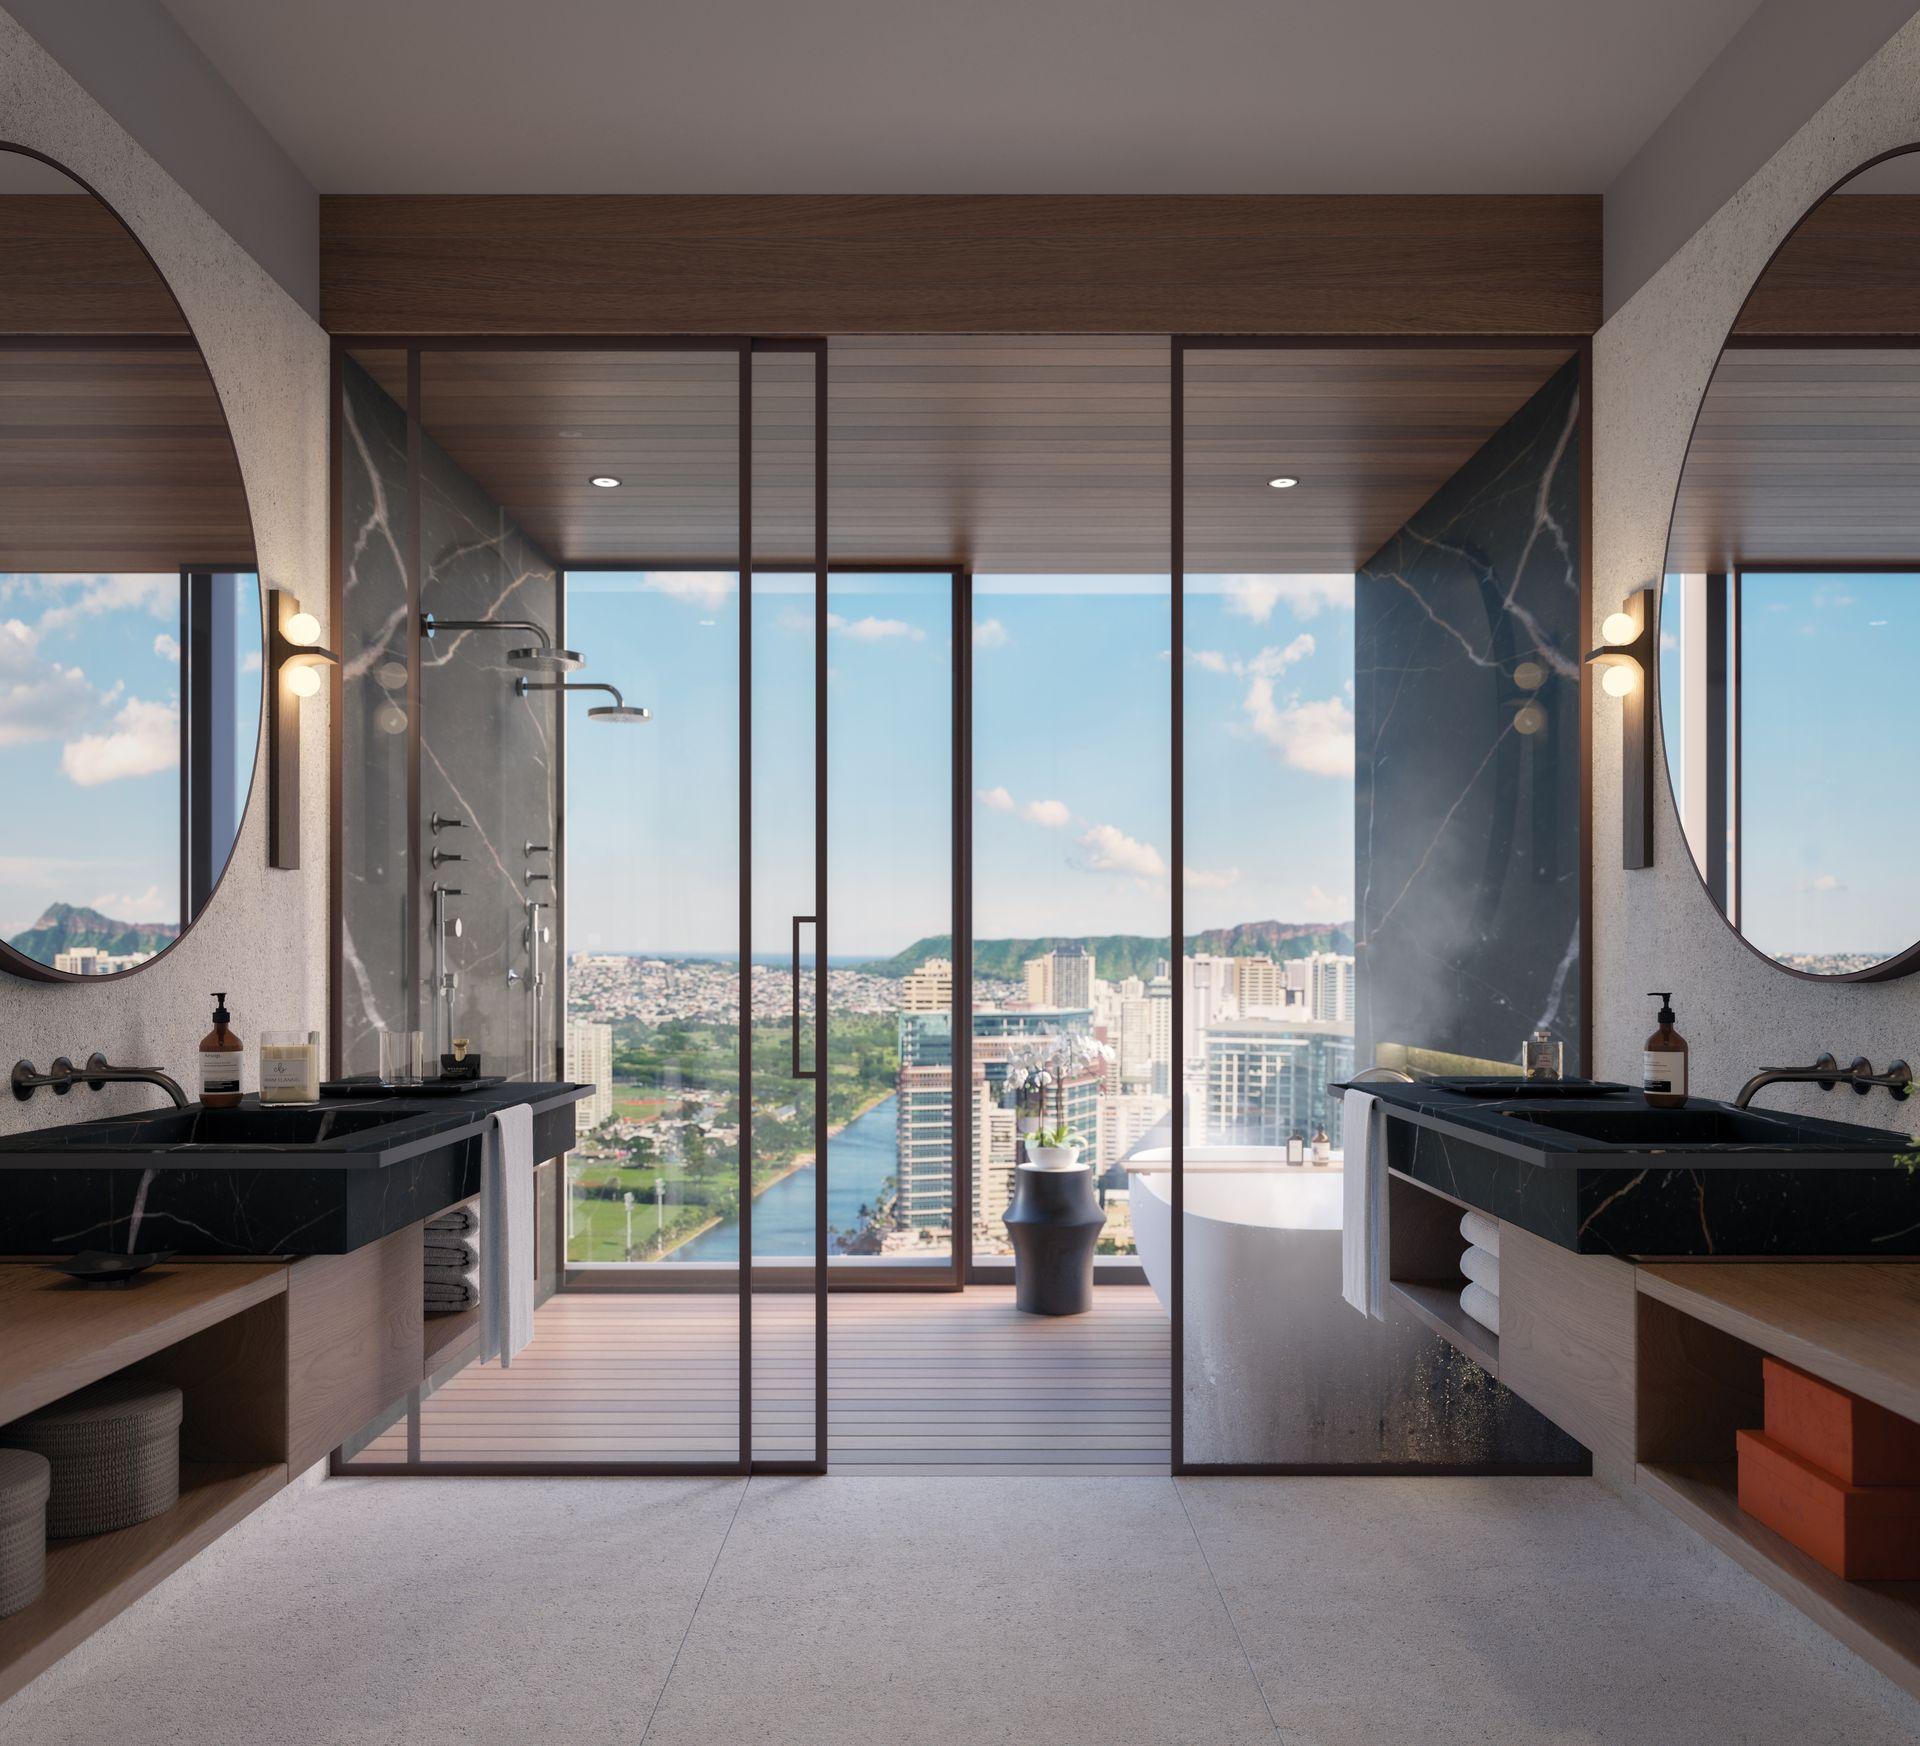 Mandarin Oriental Bathroom Rendering